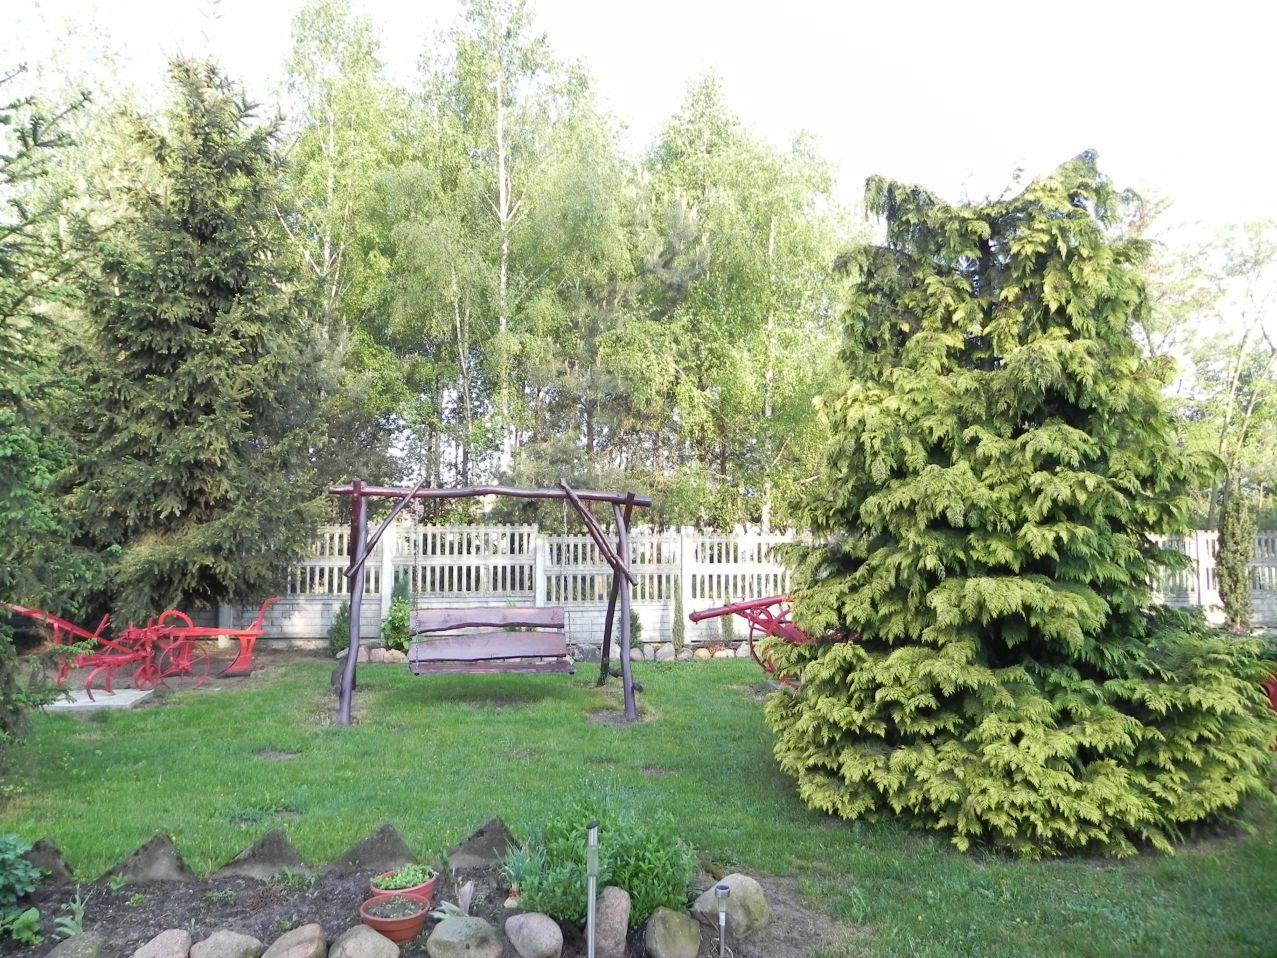 Galeria zdjęć Sochowej Zagrody - podwórko i przyroda (27)